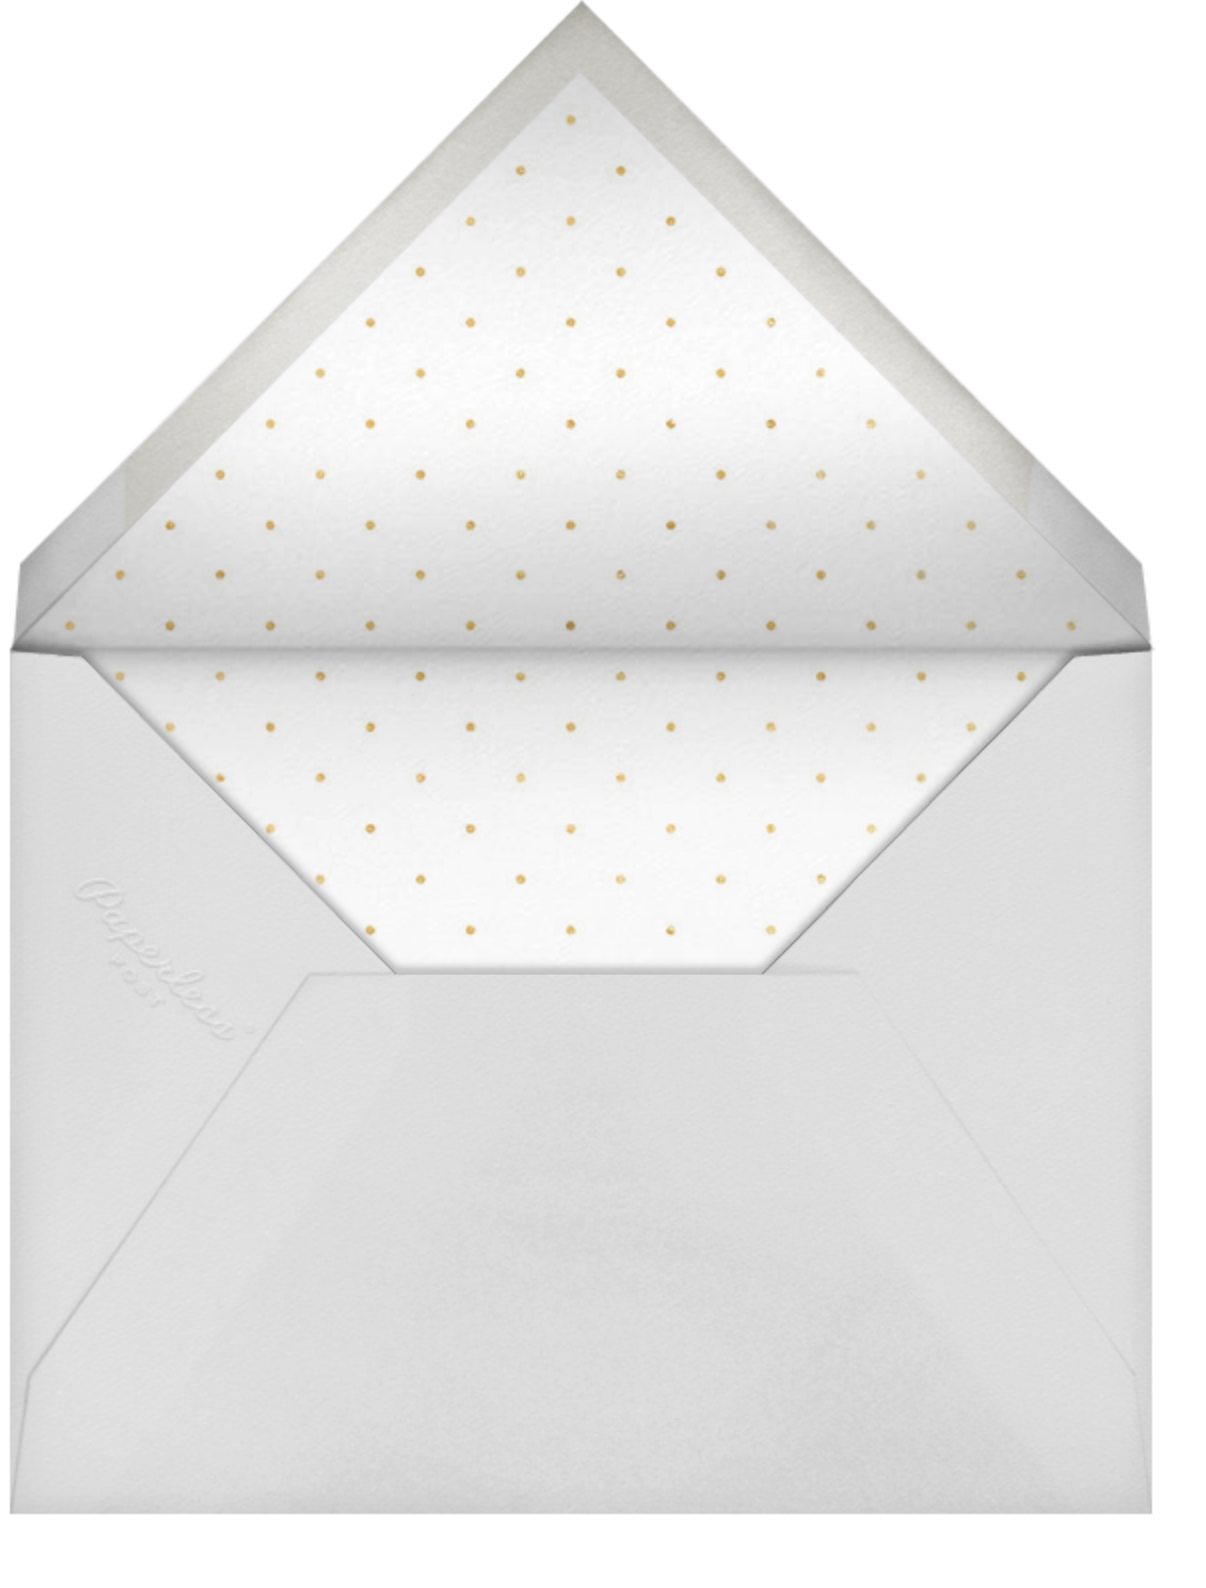 Bridal Stripe - Gray - Sugar Paper - Bridal shower - envelope back